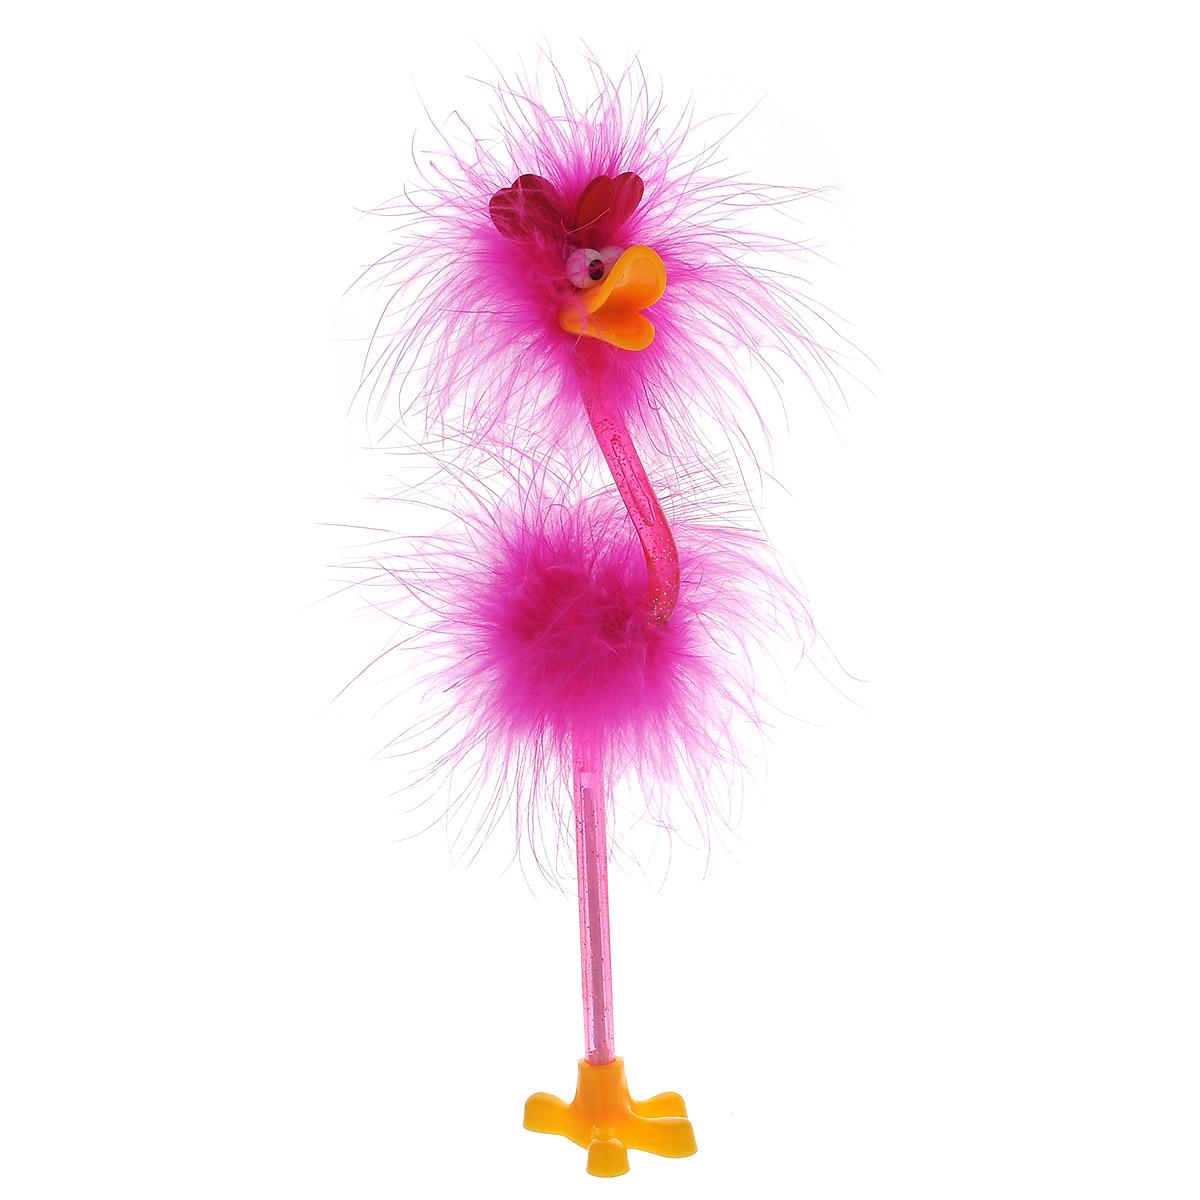 Ручка-игрушка Flamingo, с сердечками, с подставкой, цвет: фуксия82965_малиновый, сердцеОригинальная шариковая ручка-игрушка Flamingo станет отличным подарком и незаменимым аксессуаром на вашем рабочем столе. Ручка, украшенная перьями, выполнена в виде забавной птички фламинго с антеннами-сердечками. К ручке прилагается подставка в виде лапки. Такая ручка - это забавный и практичный подарок, она не потеряется среди бумаг и непременно вызовет улыбку окружающих.